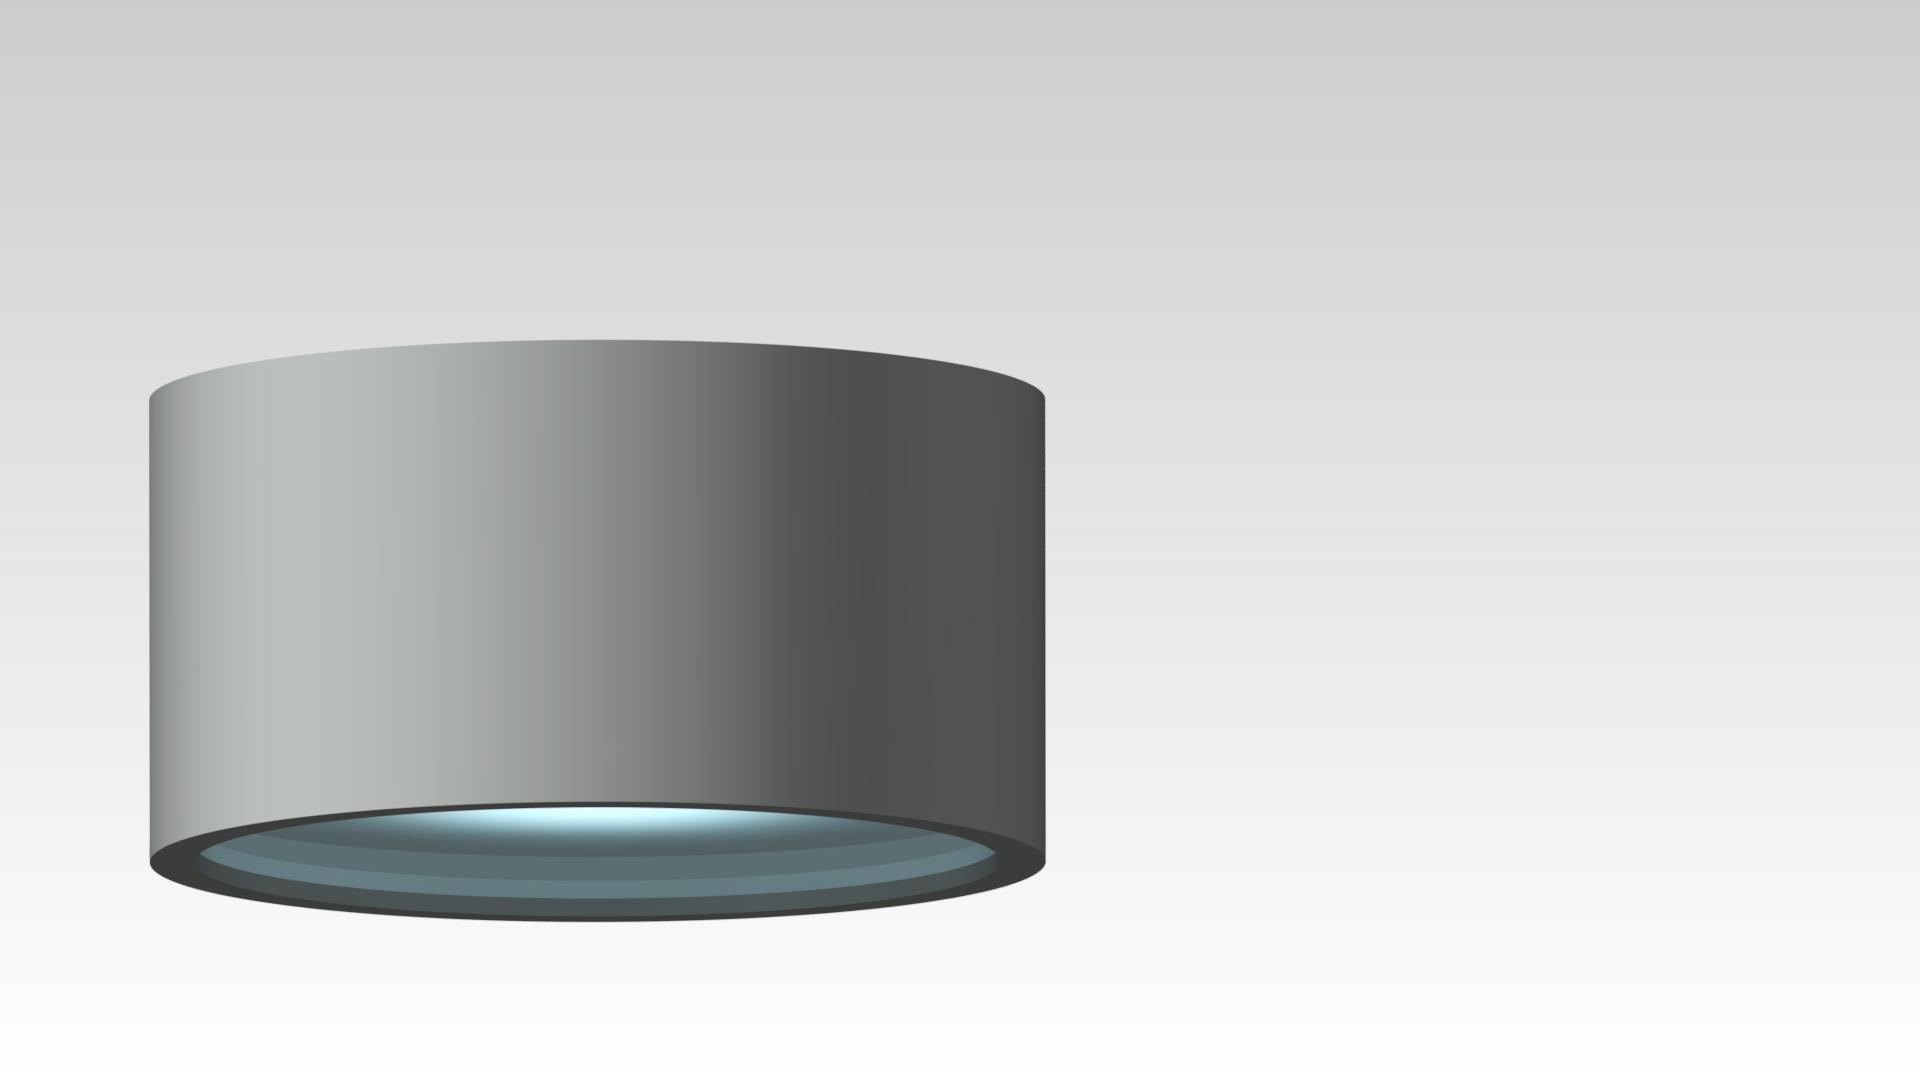 светильник потолочный накладной круглый серый